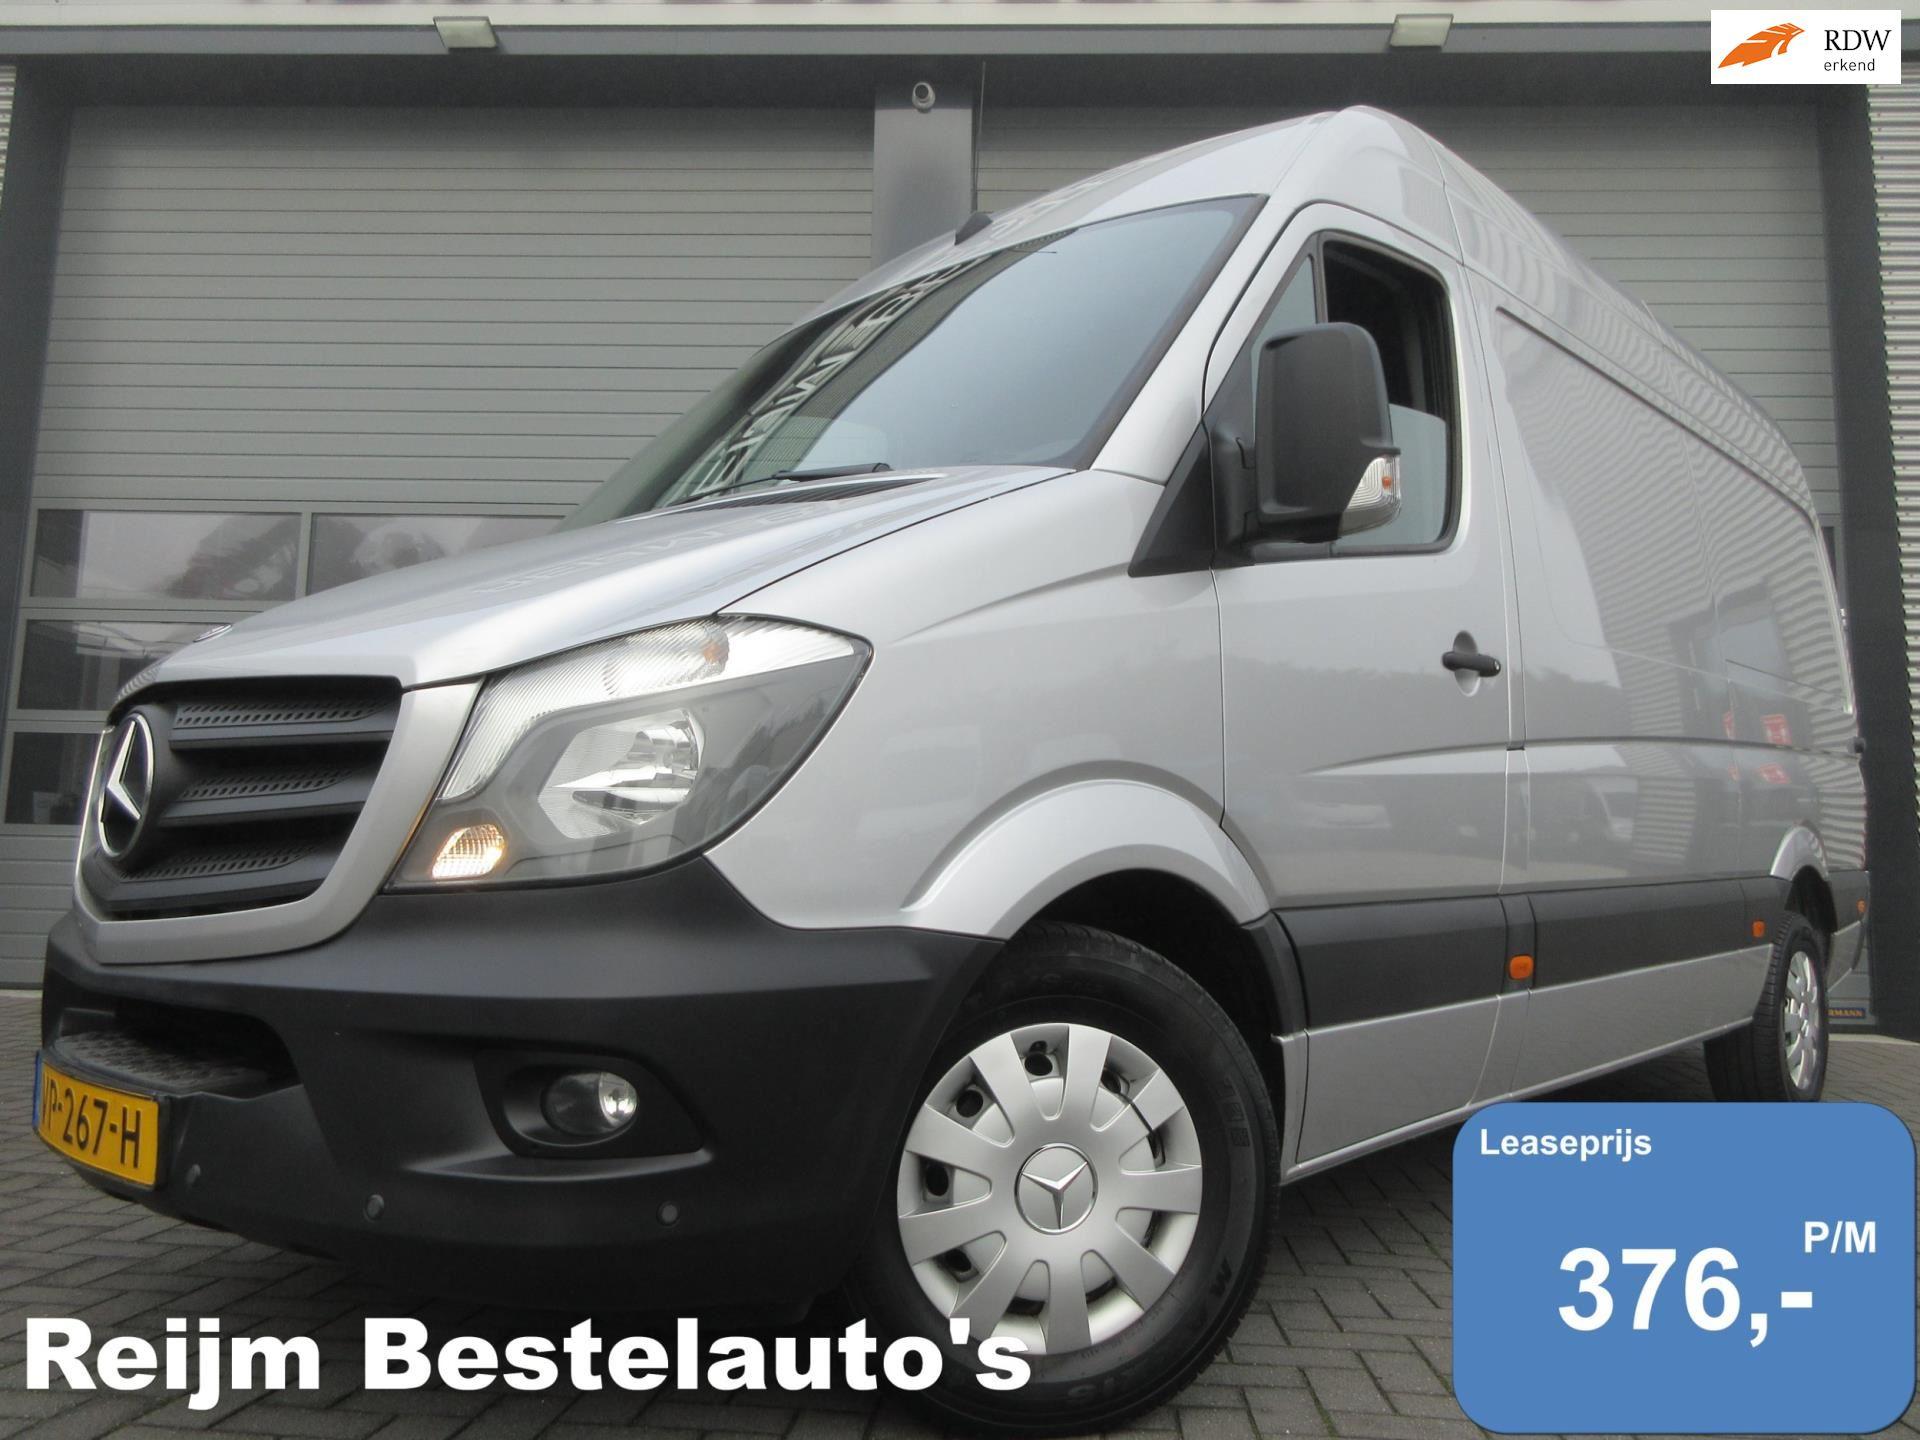 Mercedes-Benz Sprinter occasion - Reijm Bestelauto's